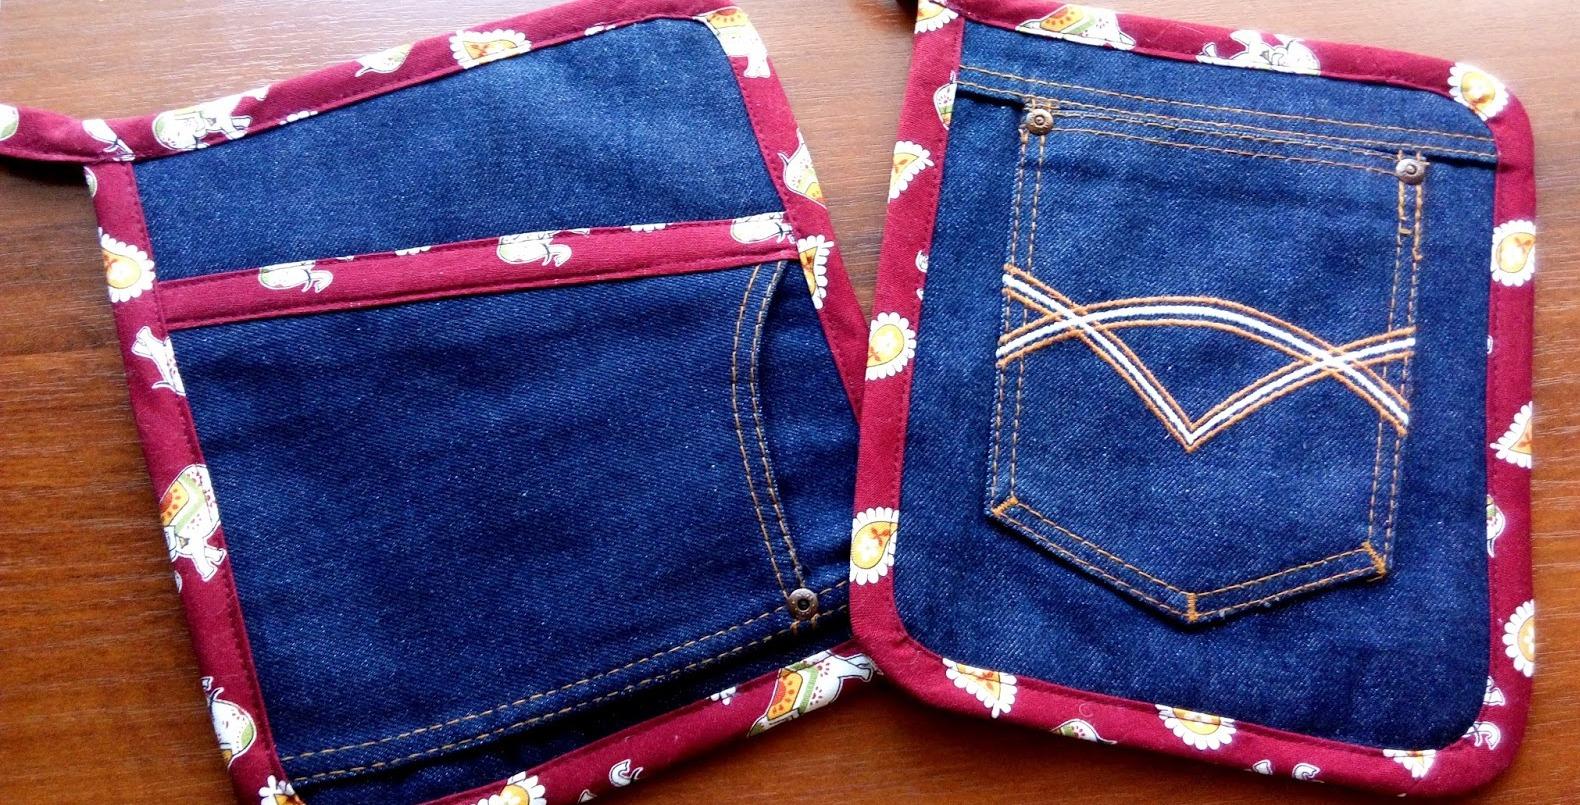 обеих прихватки из старых джинсов своими руками фото сибирской язвы богатая